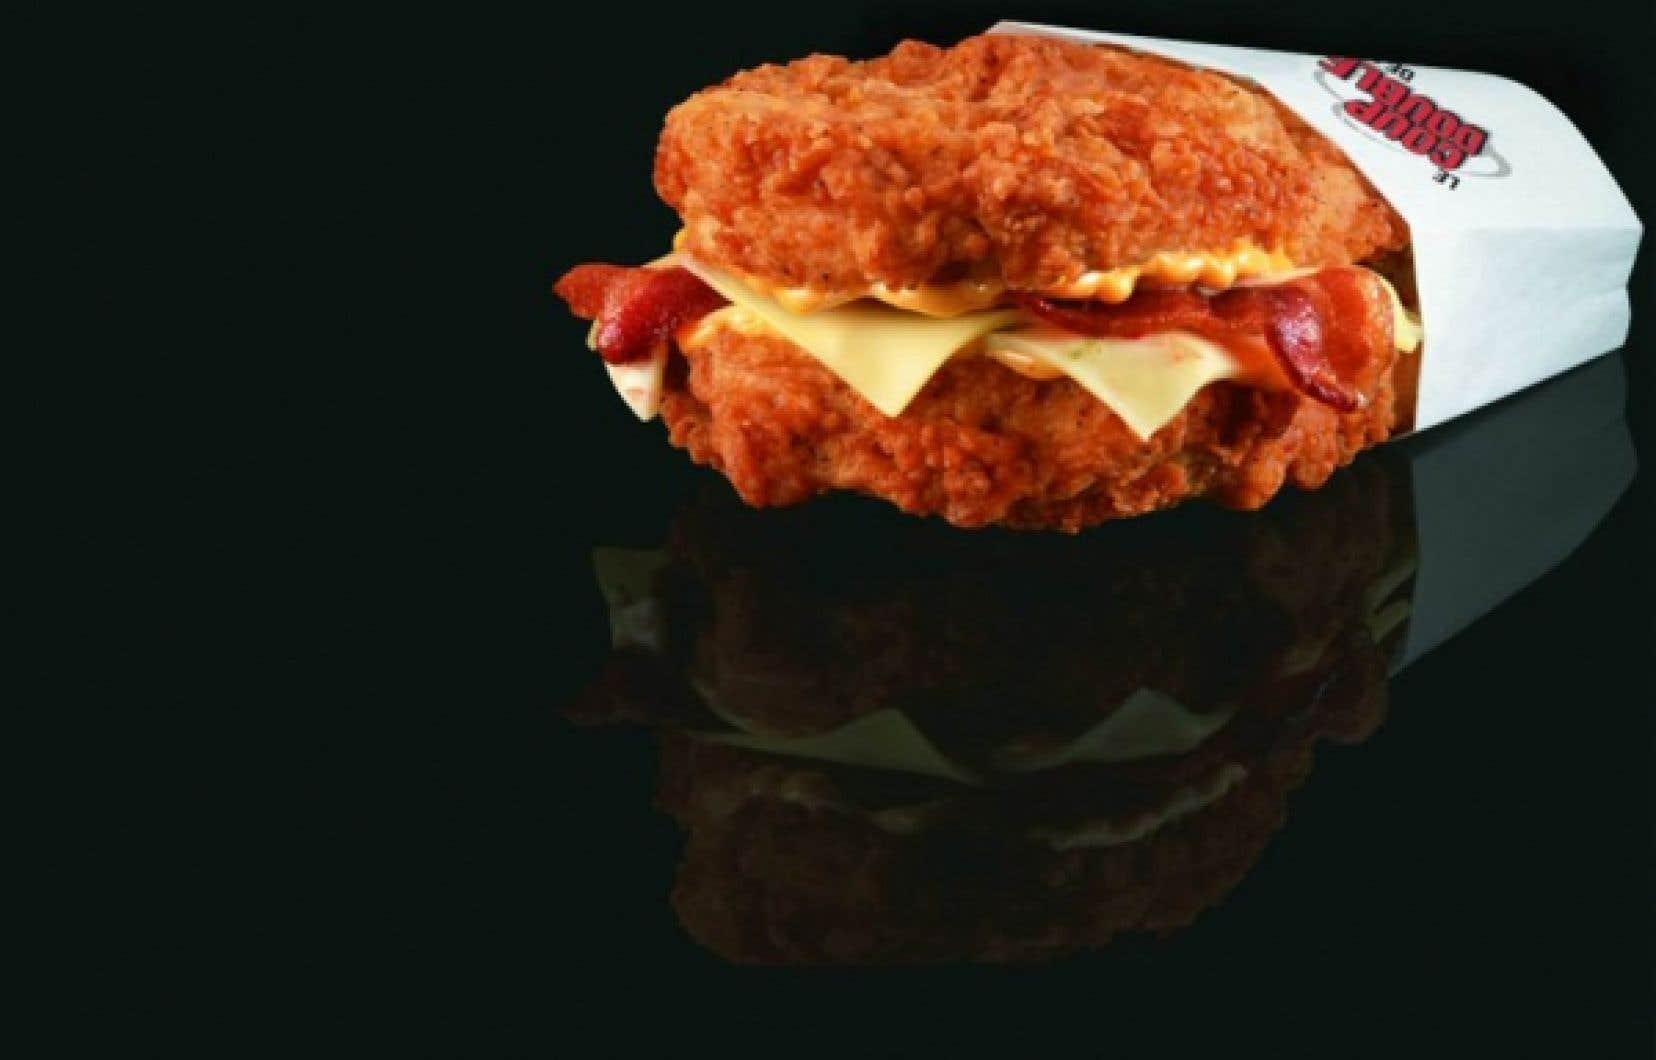 Le nouveau Coup Double de l'empire du colonel Sanders se vante de révolutionner l'art de la sandwicherie en remplaçant le pain par... deux tranches de poitrine de poulet frit. <br />